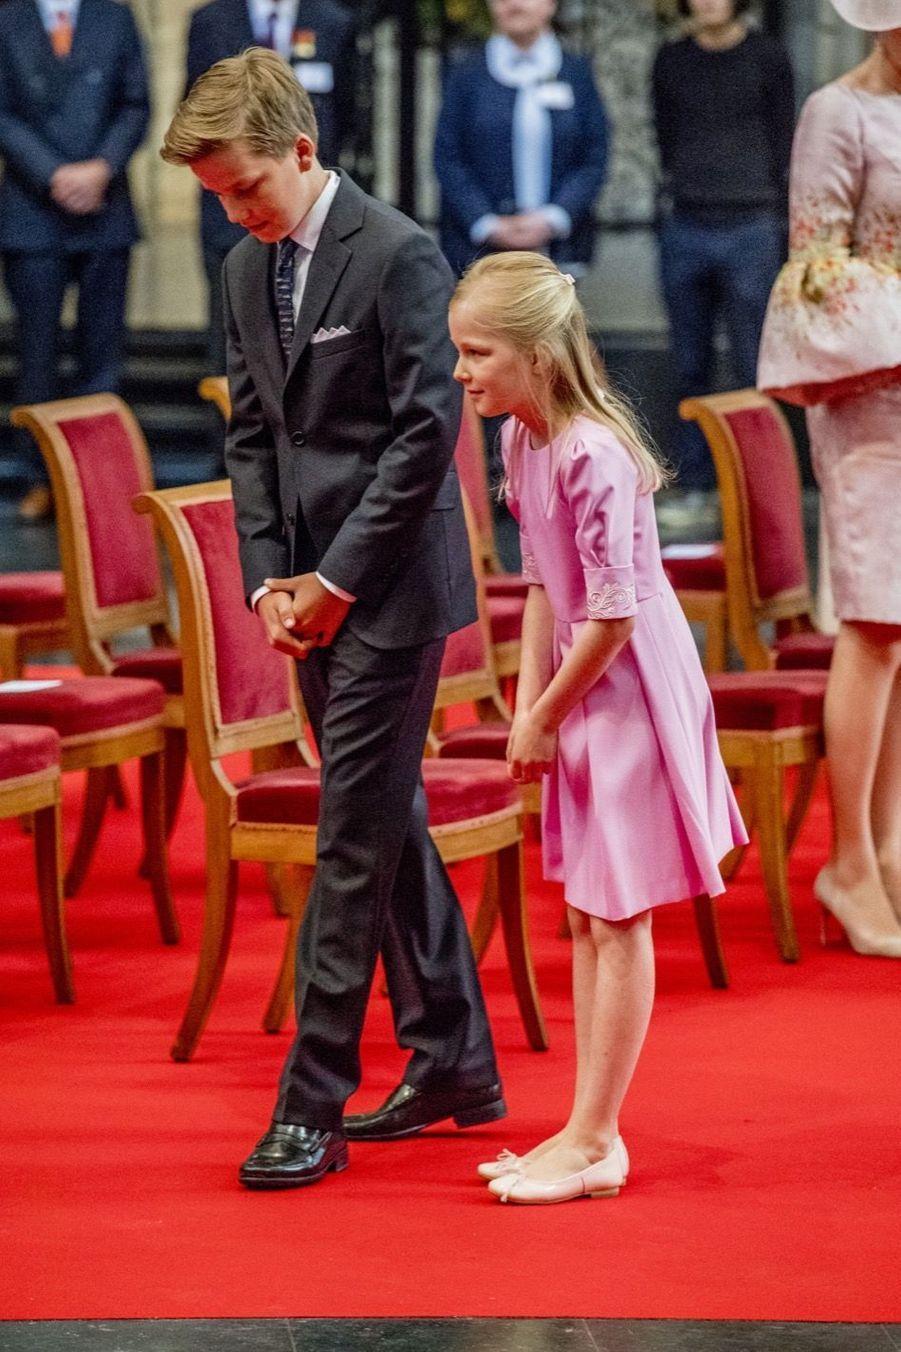 La Famille Royale Belge À La Cathédrale Saints Michel et Gudule De Bruxelles 19